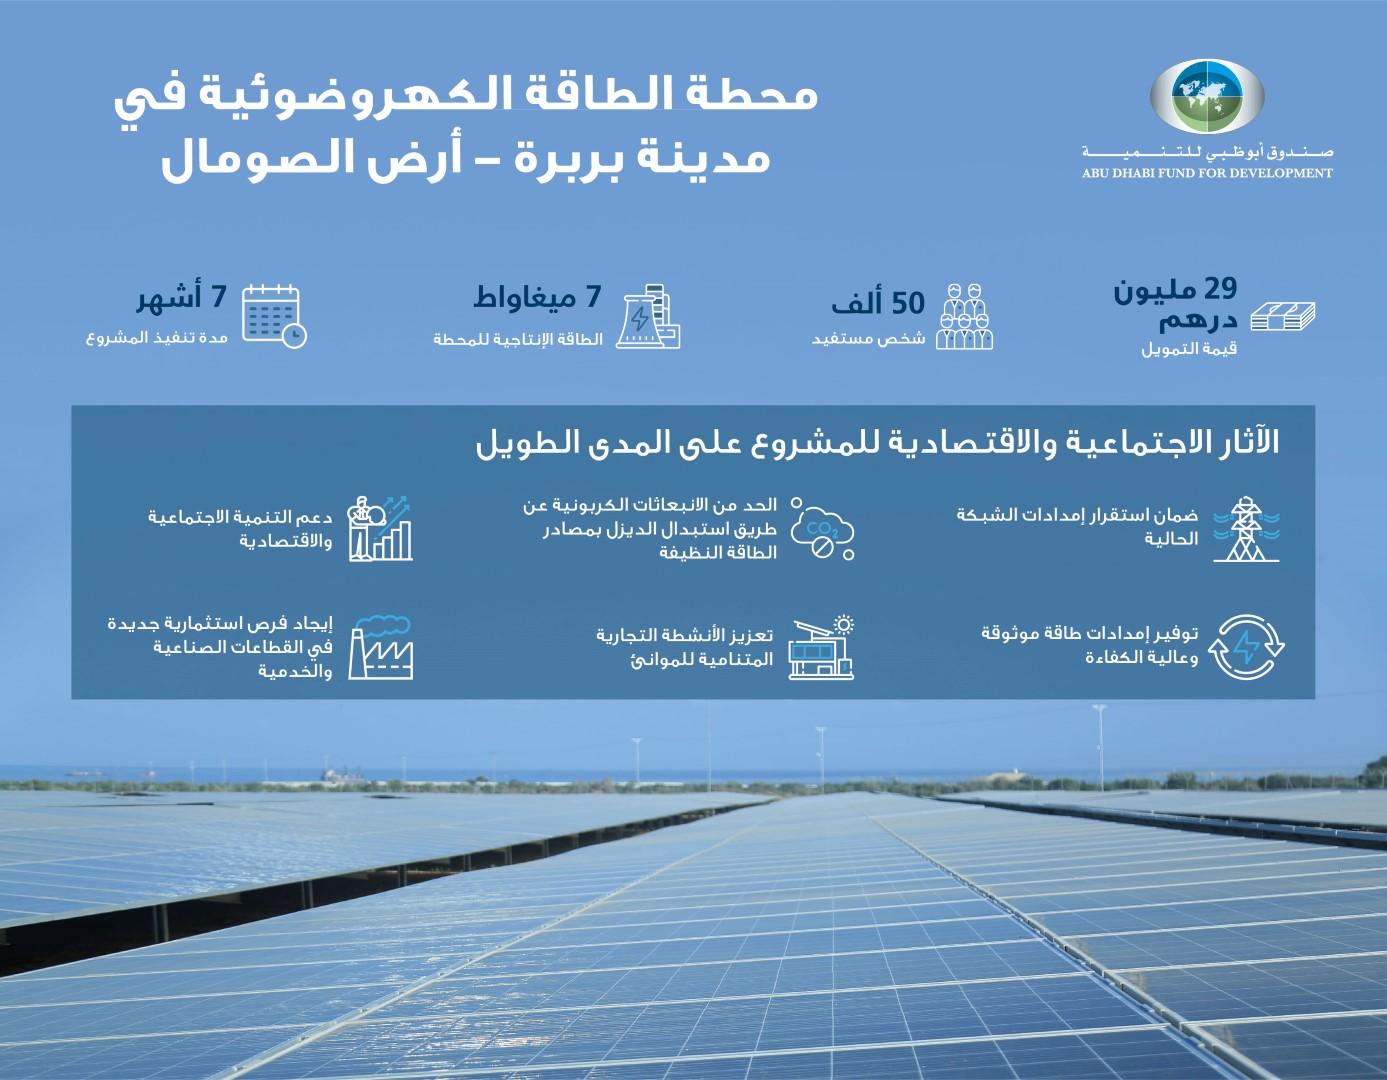 """""""أبوظبي للتنمية"""" يدشن محطة للطاقة الشمسية في أرض الصومال بسعة 7 ميغاواط"""